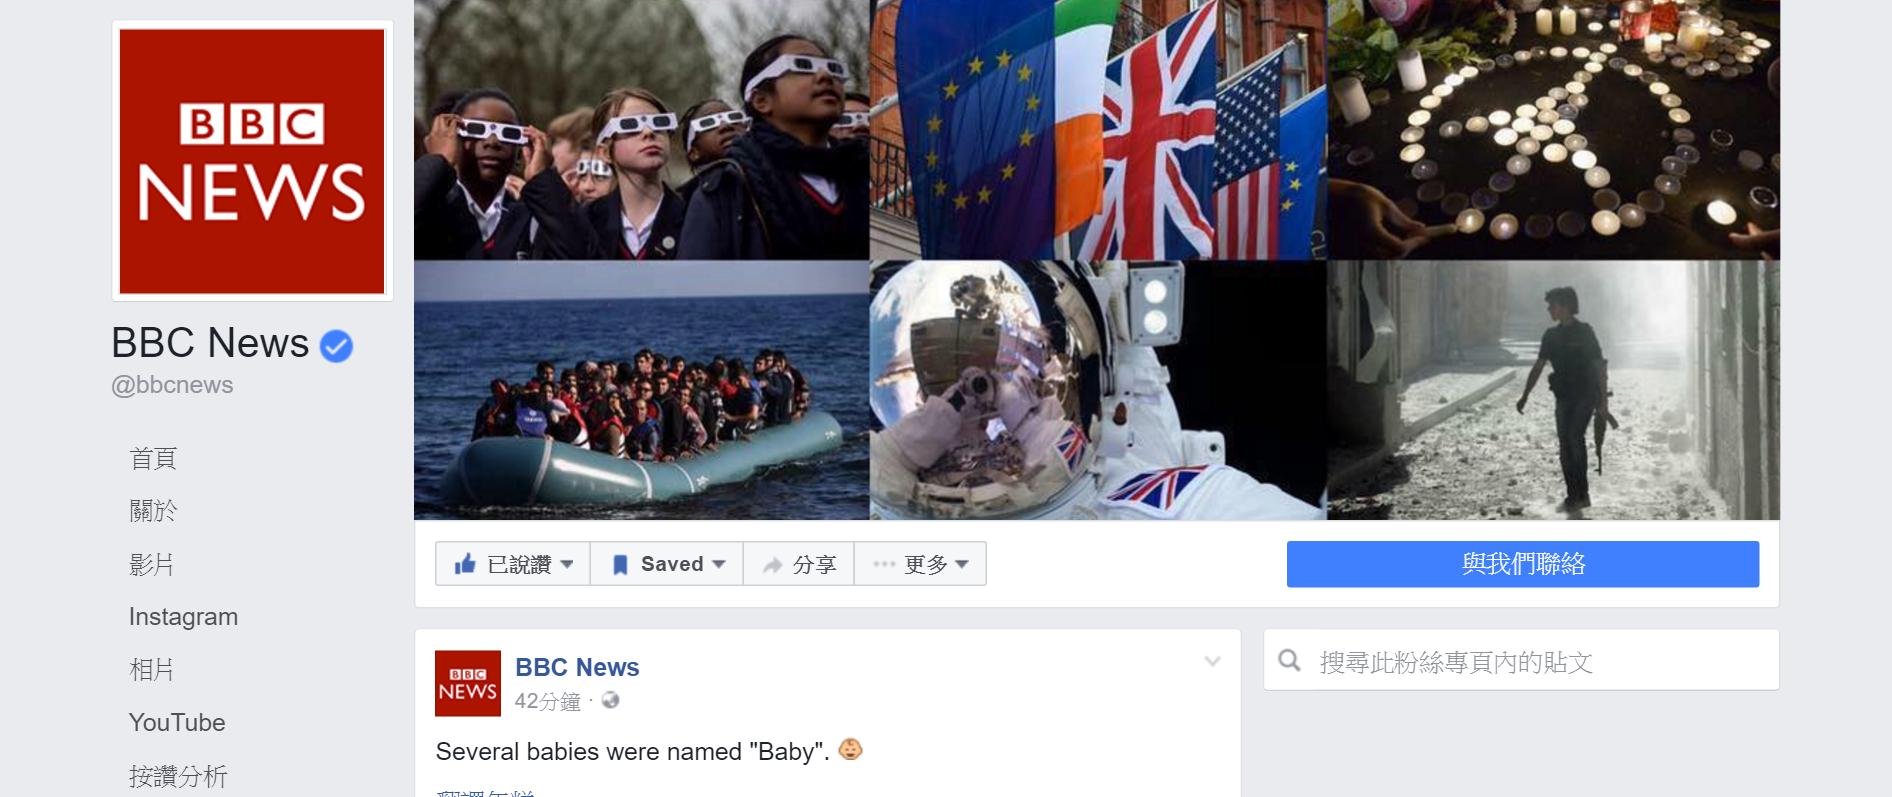 現在的你在臉書看什麼?